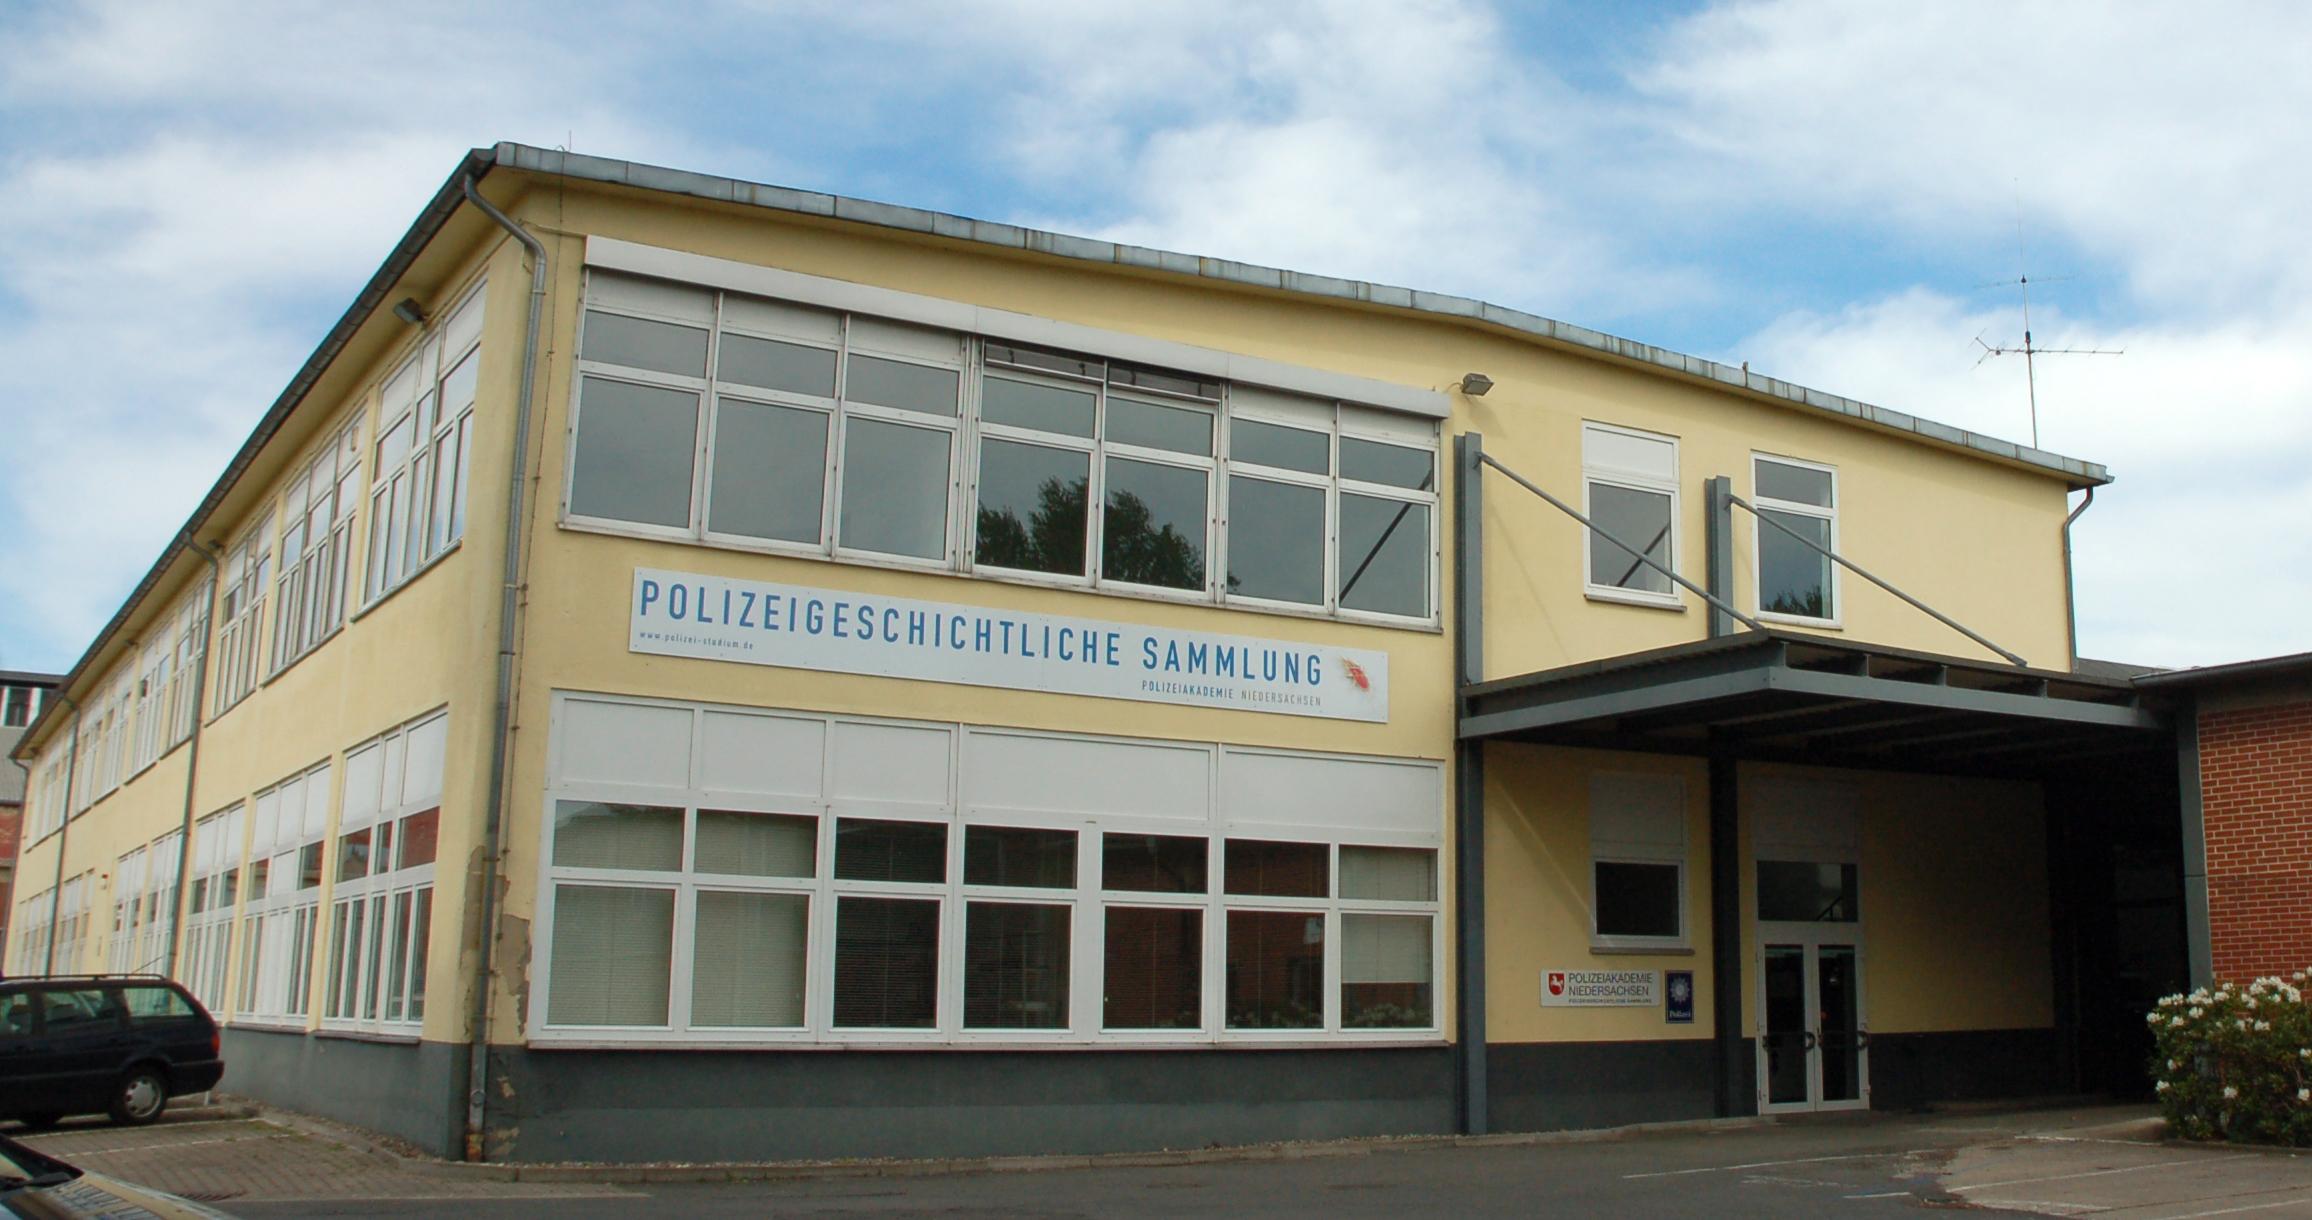 Polizeigeschichtliche Sammlung in Hannover